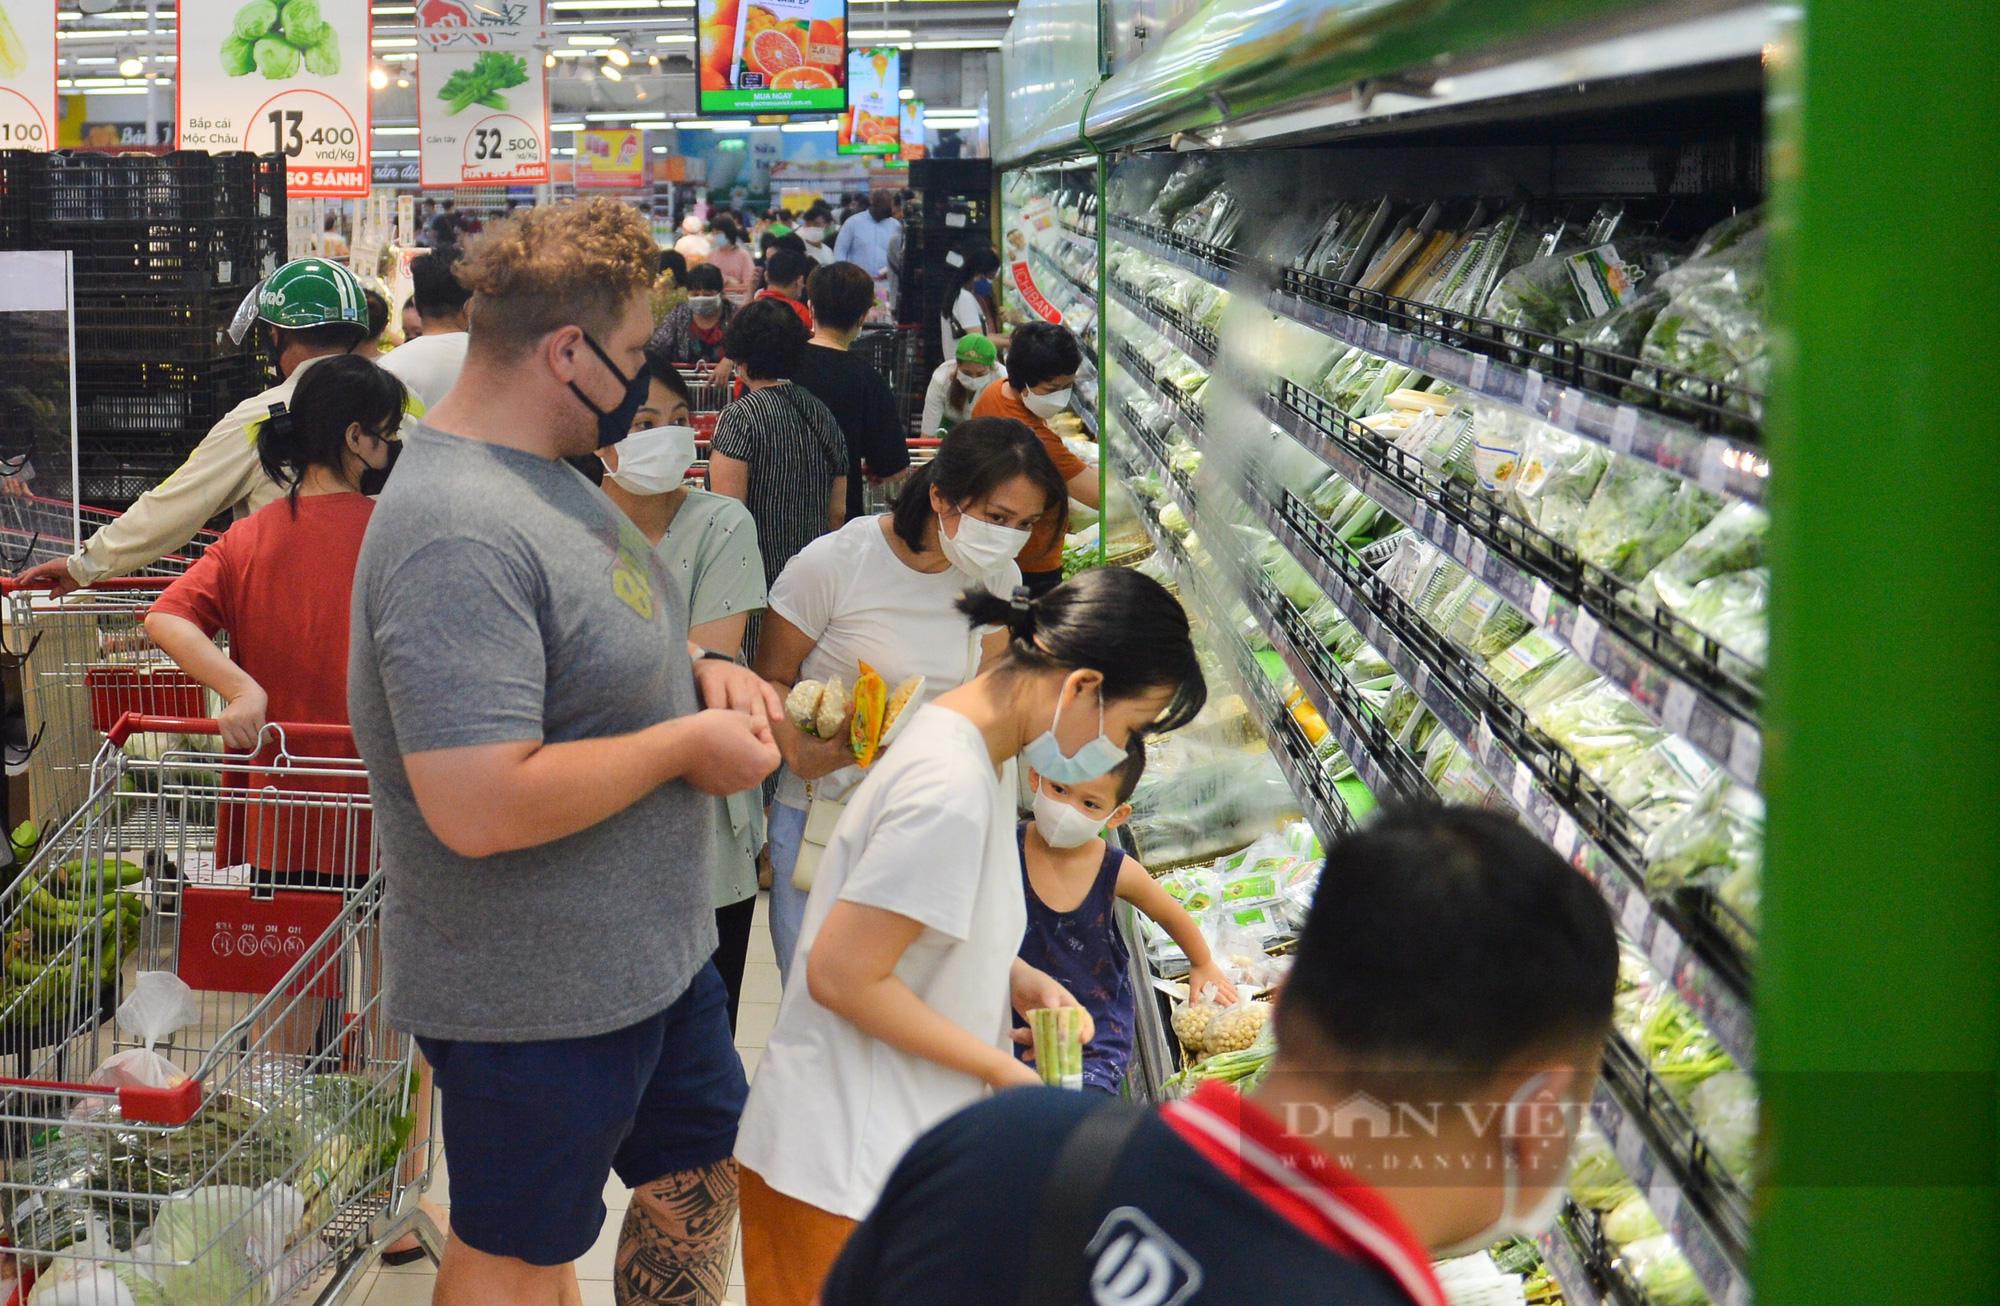 Chợ, siêu thị Hà Nội ngày đầu giãn cách xã hội: Nơi đông đúc, chốn thoáng đãng người dân thoả sức lựa chọn - Ảnh 8.